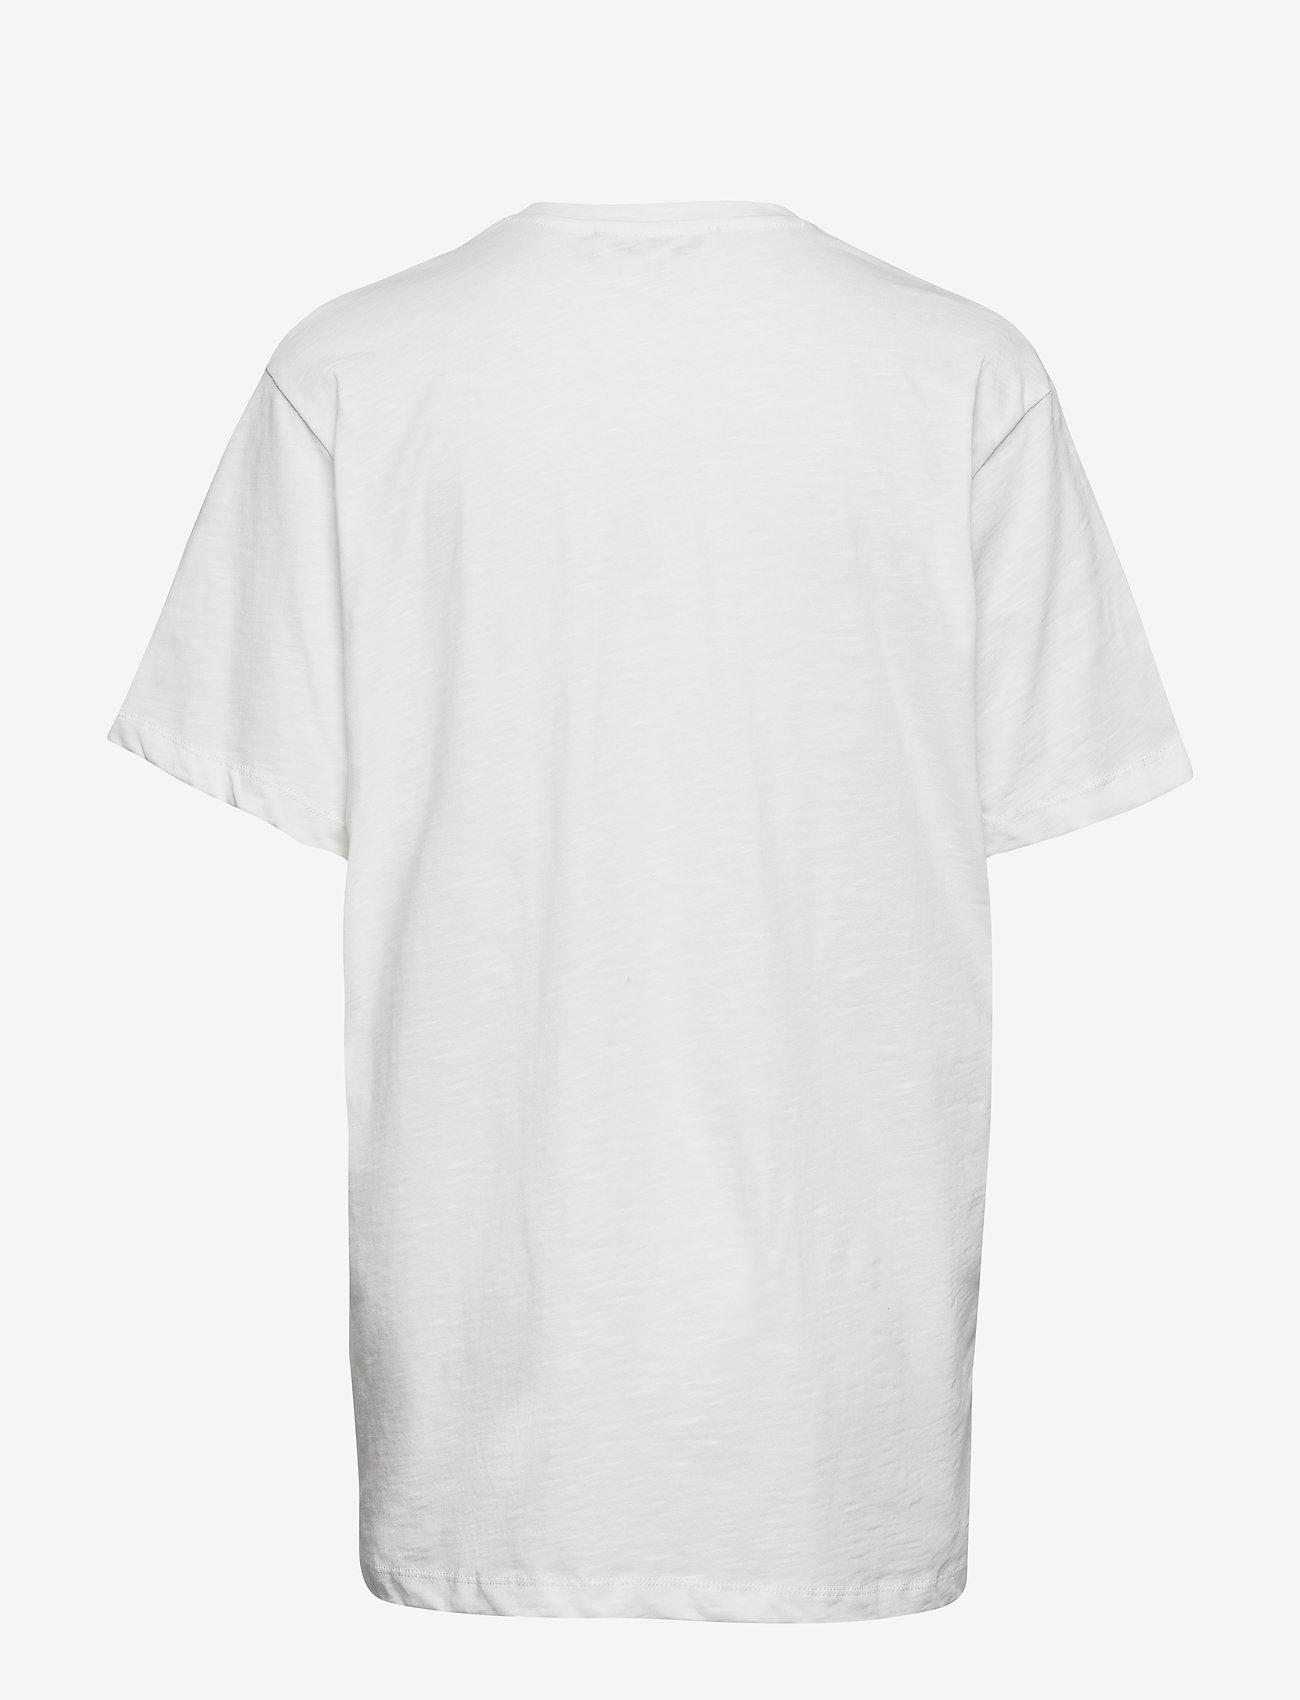 Munthe - Ham - t-shirts - white - 1